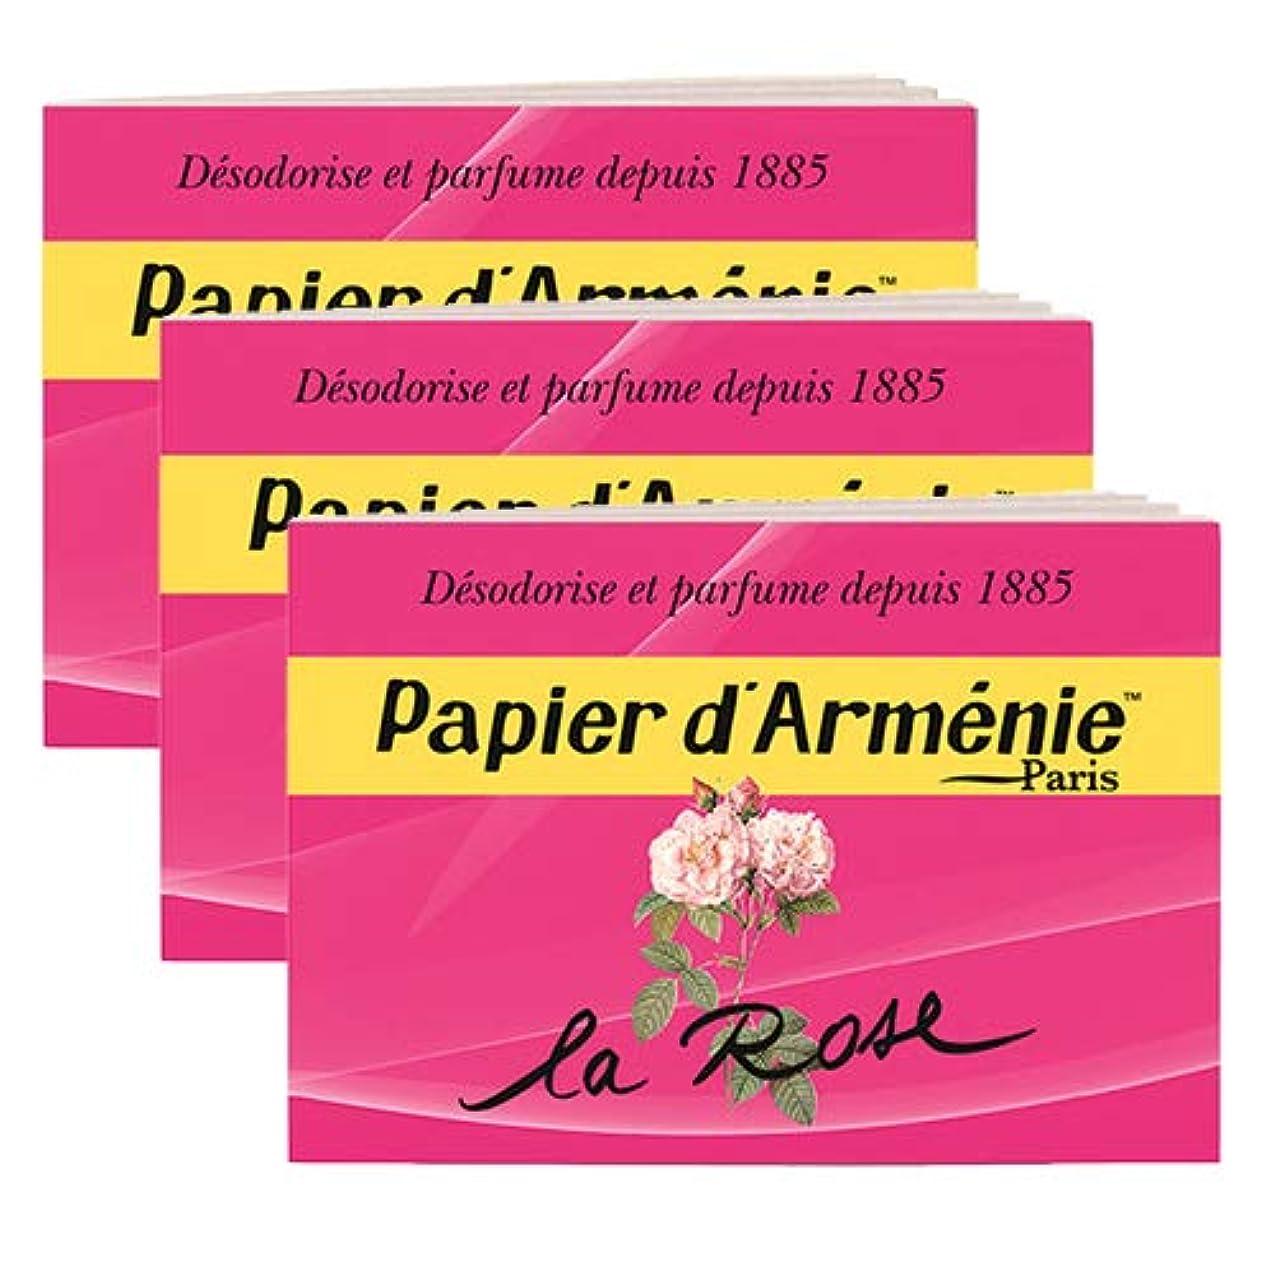 波紋最近ライム【パピエダルメニイ】トリプル 3×12枚(36回分) 3個セット ローズ 紙のお香 インセンス アロマペーパー PAPIER D'ARMENIE [並行輸入品]